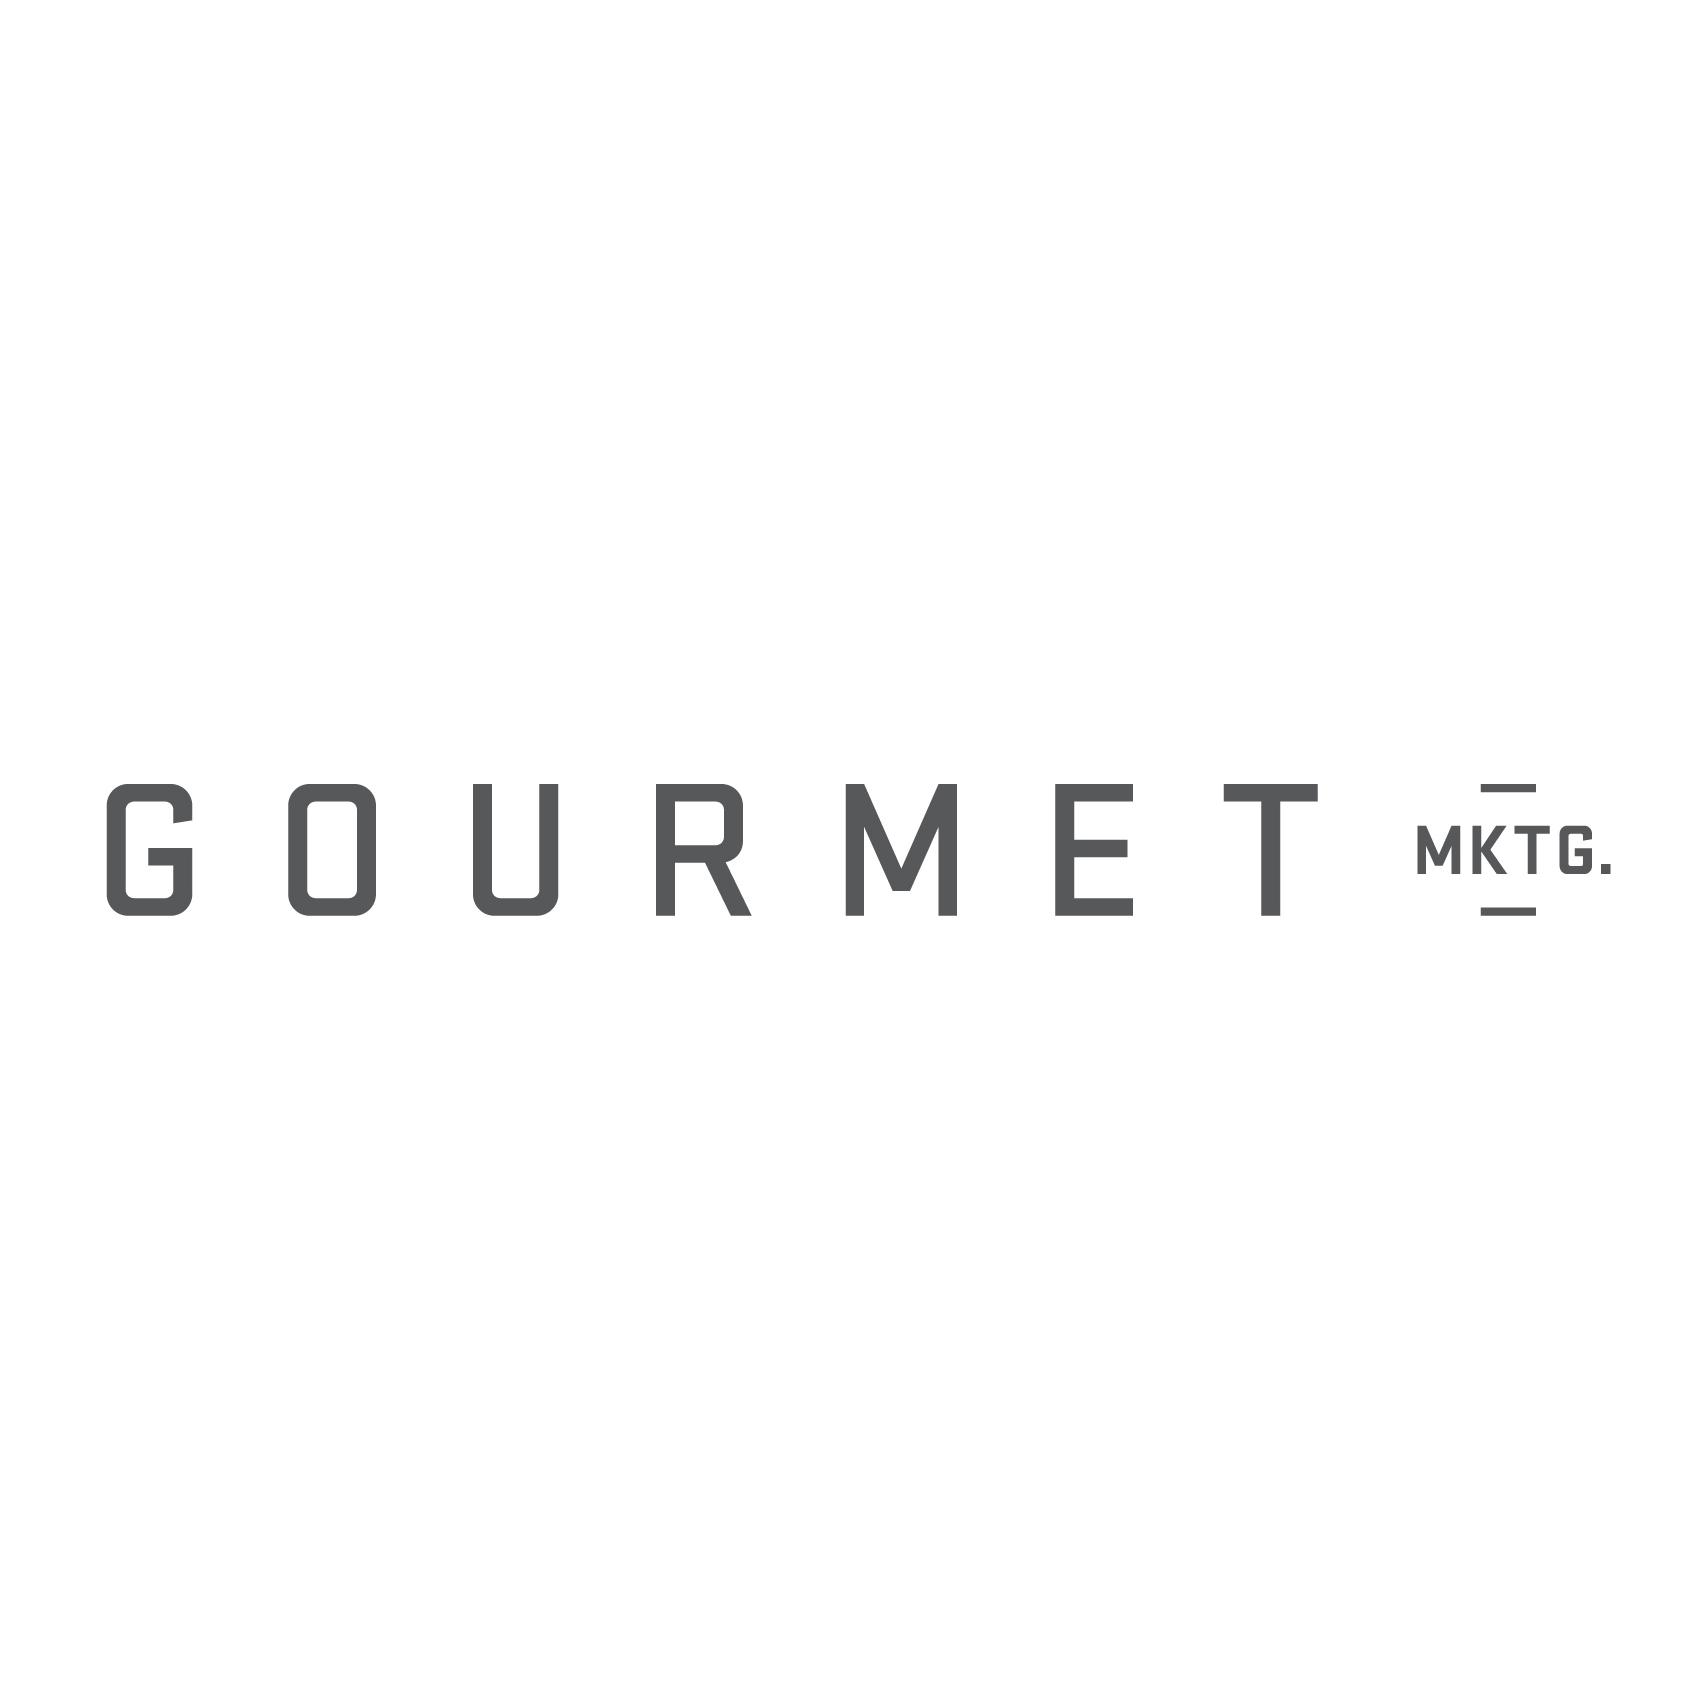 GourmetMktg